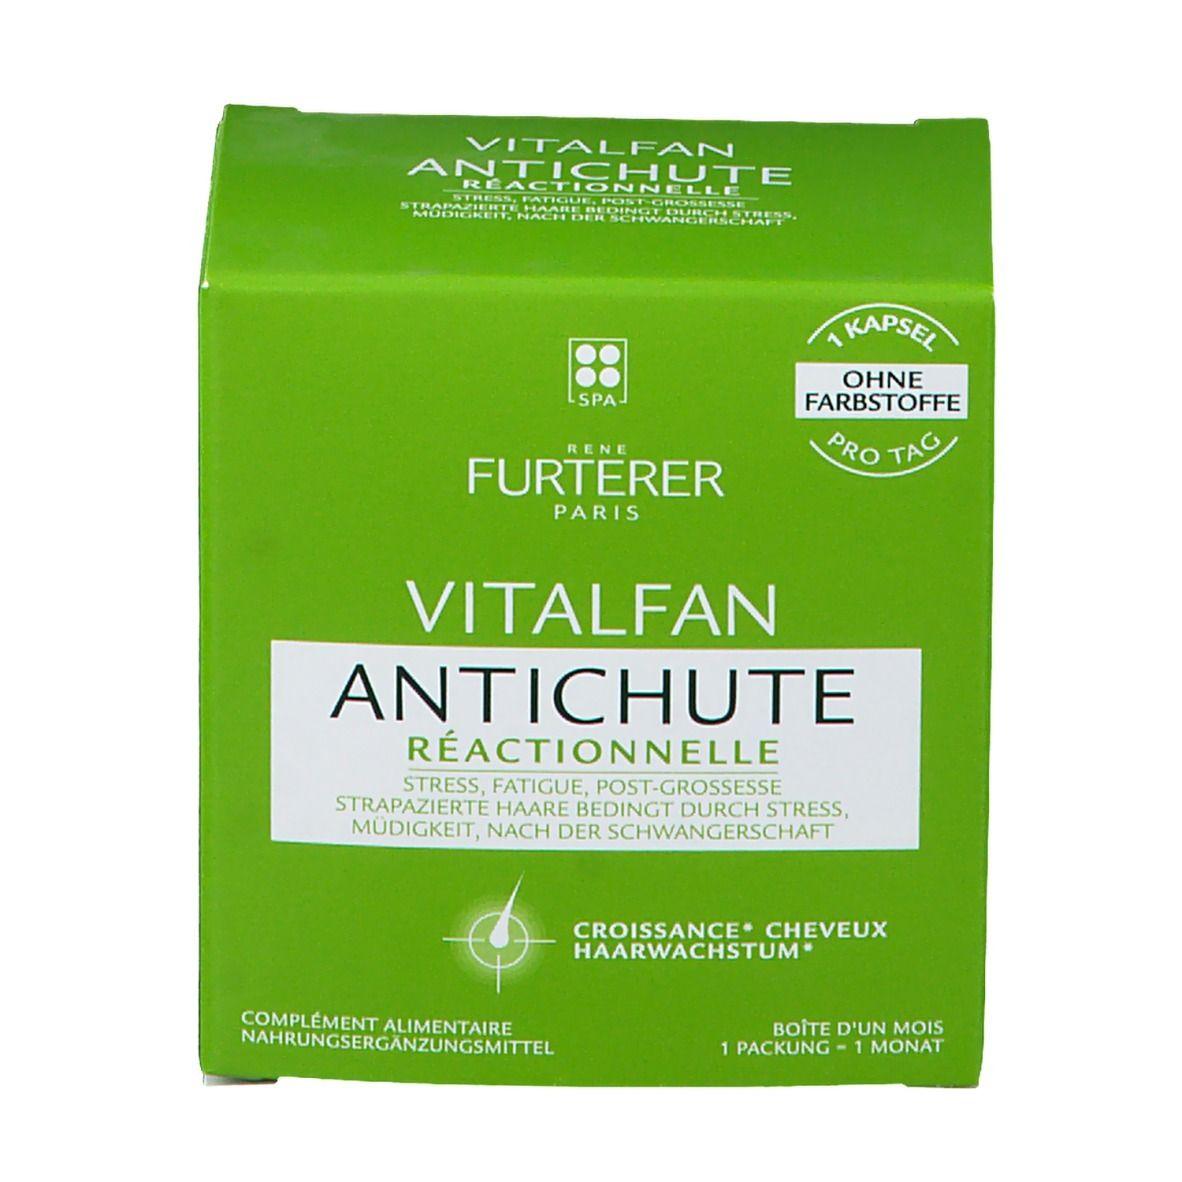 RENE FURTERER Vitalfan Antichute Réactionnelle